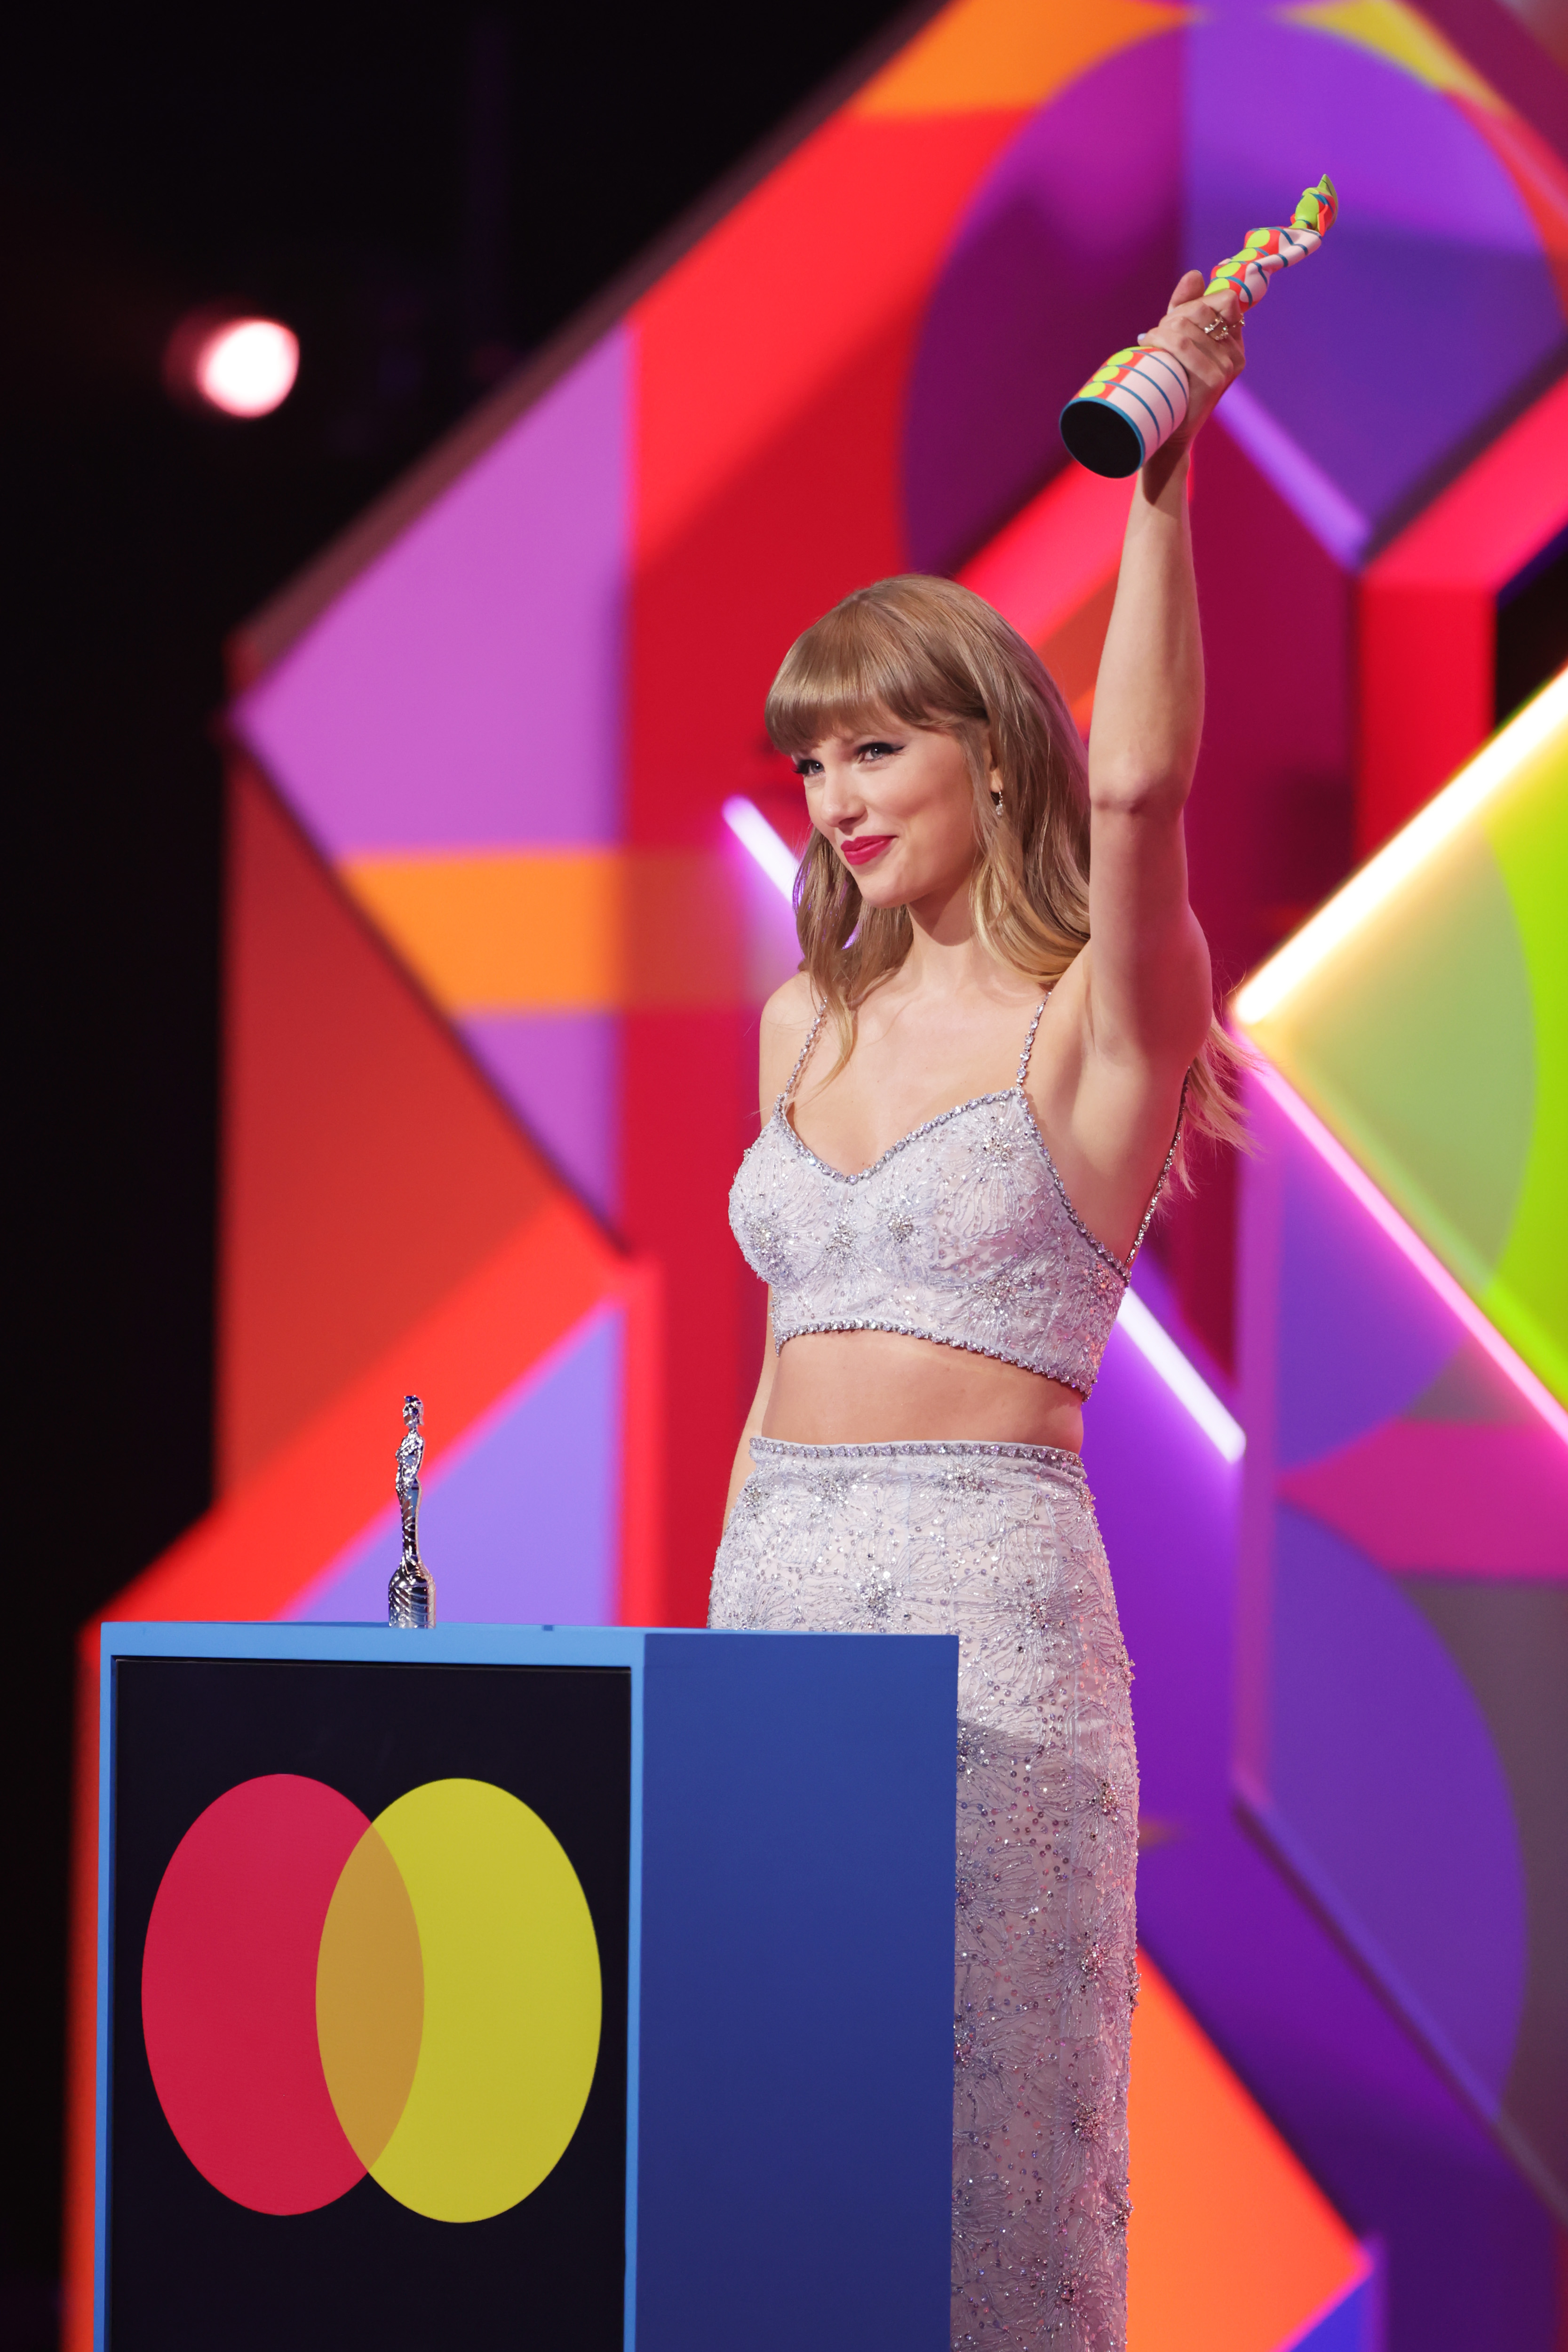 Taylor Swift recebendo prêmio no BRIT Awards 2021. Ela está usando um top cropped e uma saia longa em tom de azul claro com pedrinhas bordas, cabelo solto, segurando a estatueta com uma das mãos para cima. Ela está no palco do evento, sorrindo e comemorando o prêmio.